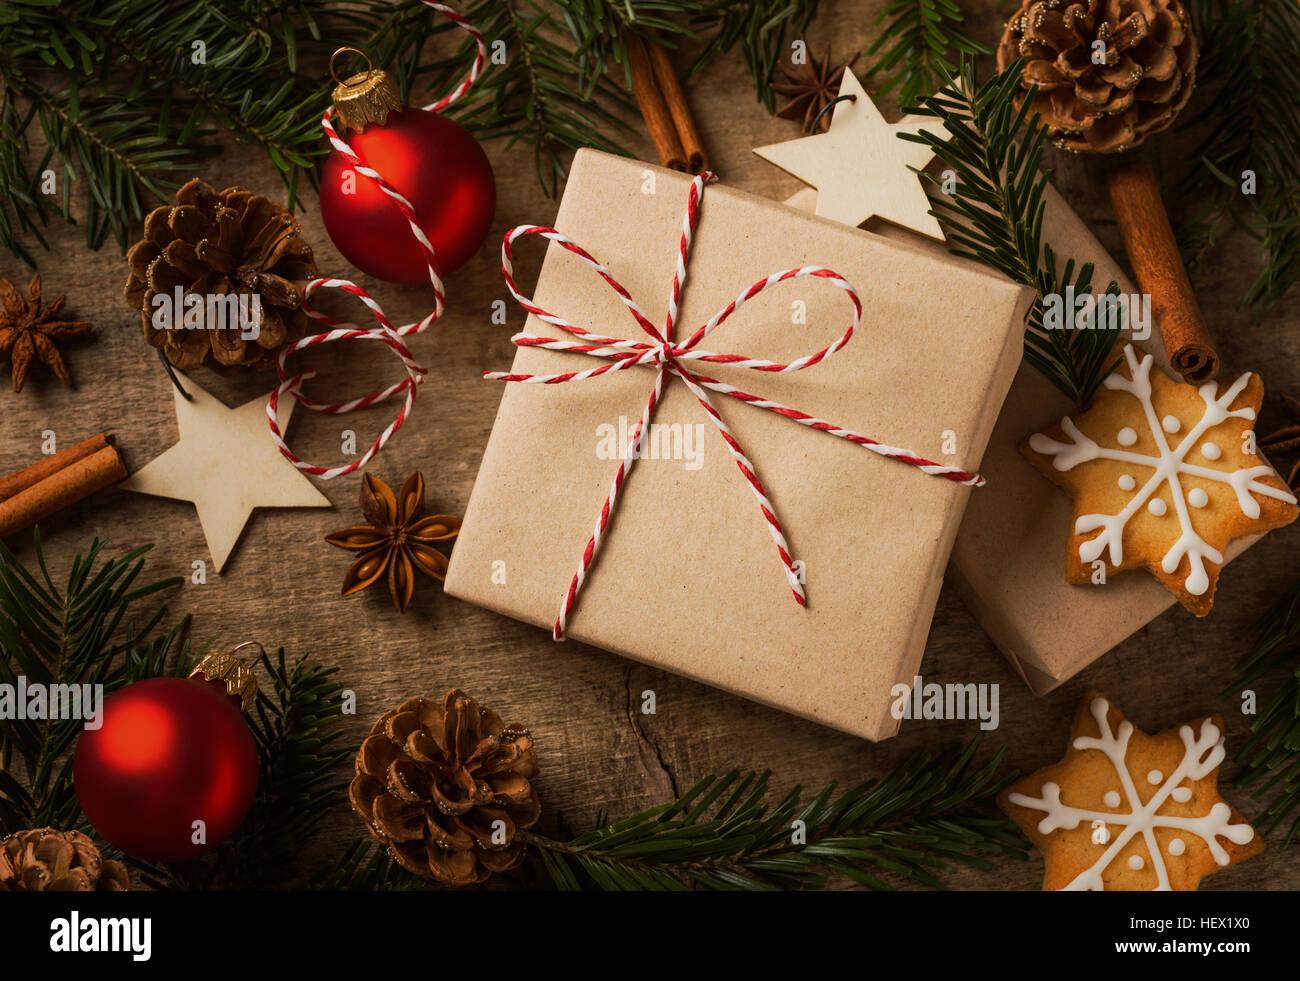 Cadeau de Noël enveloppé dans du papier kraft avec décoration naturelle Photo Stock